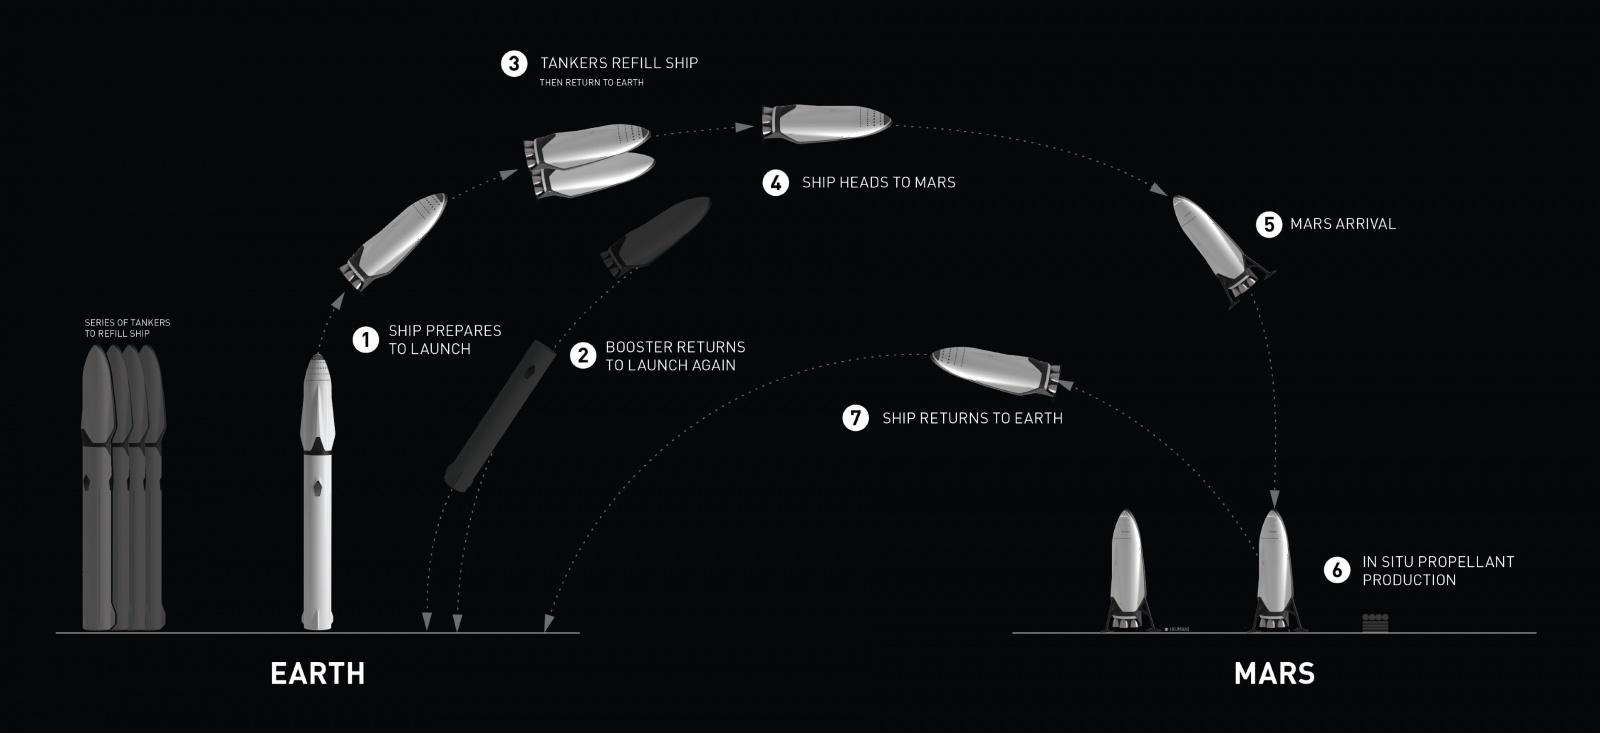 Илон Маск рассказал, как колонисты будут жить на Марсе - 2